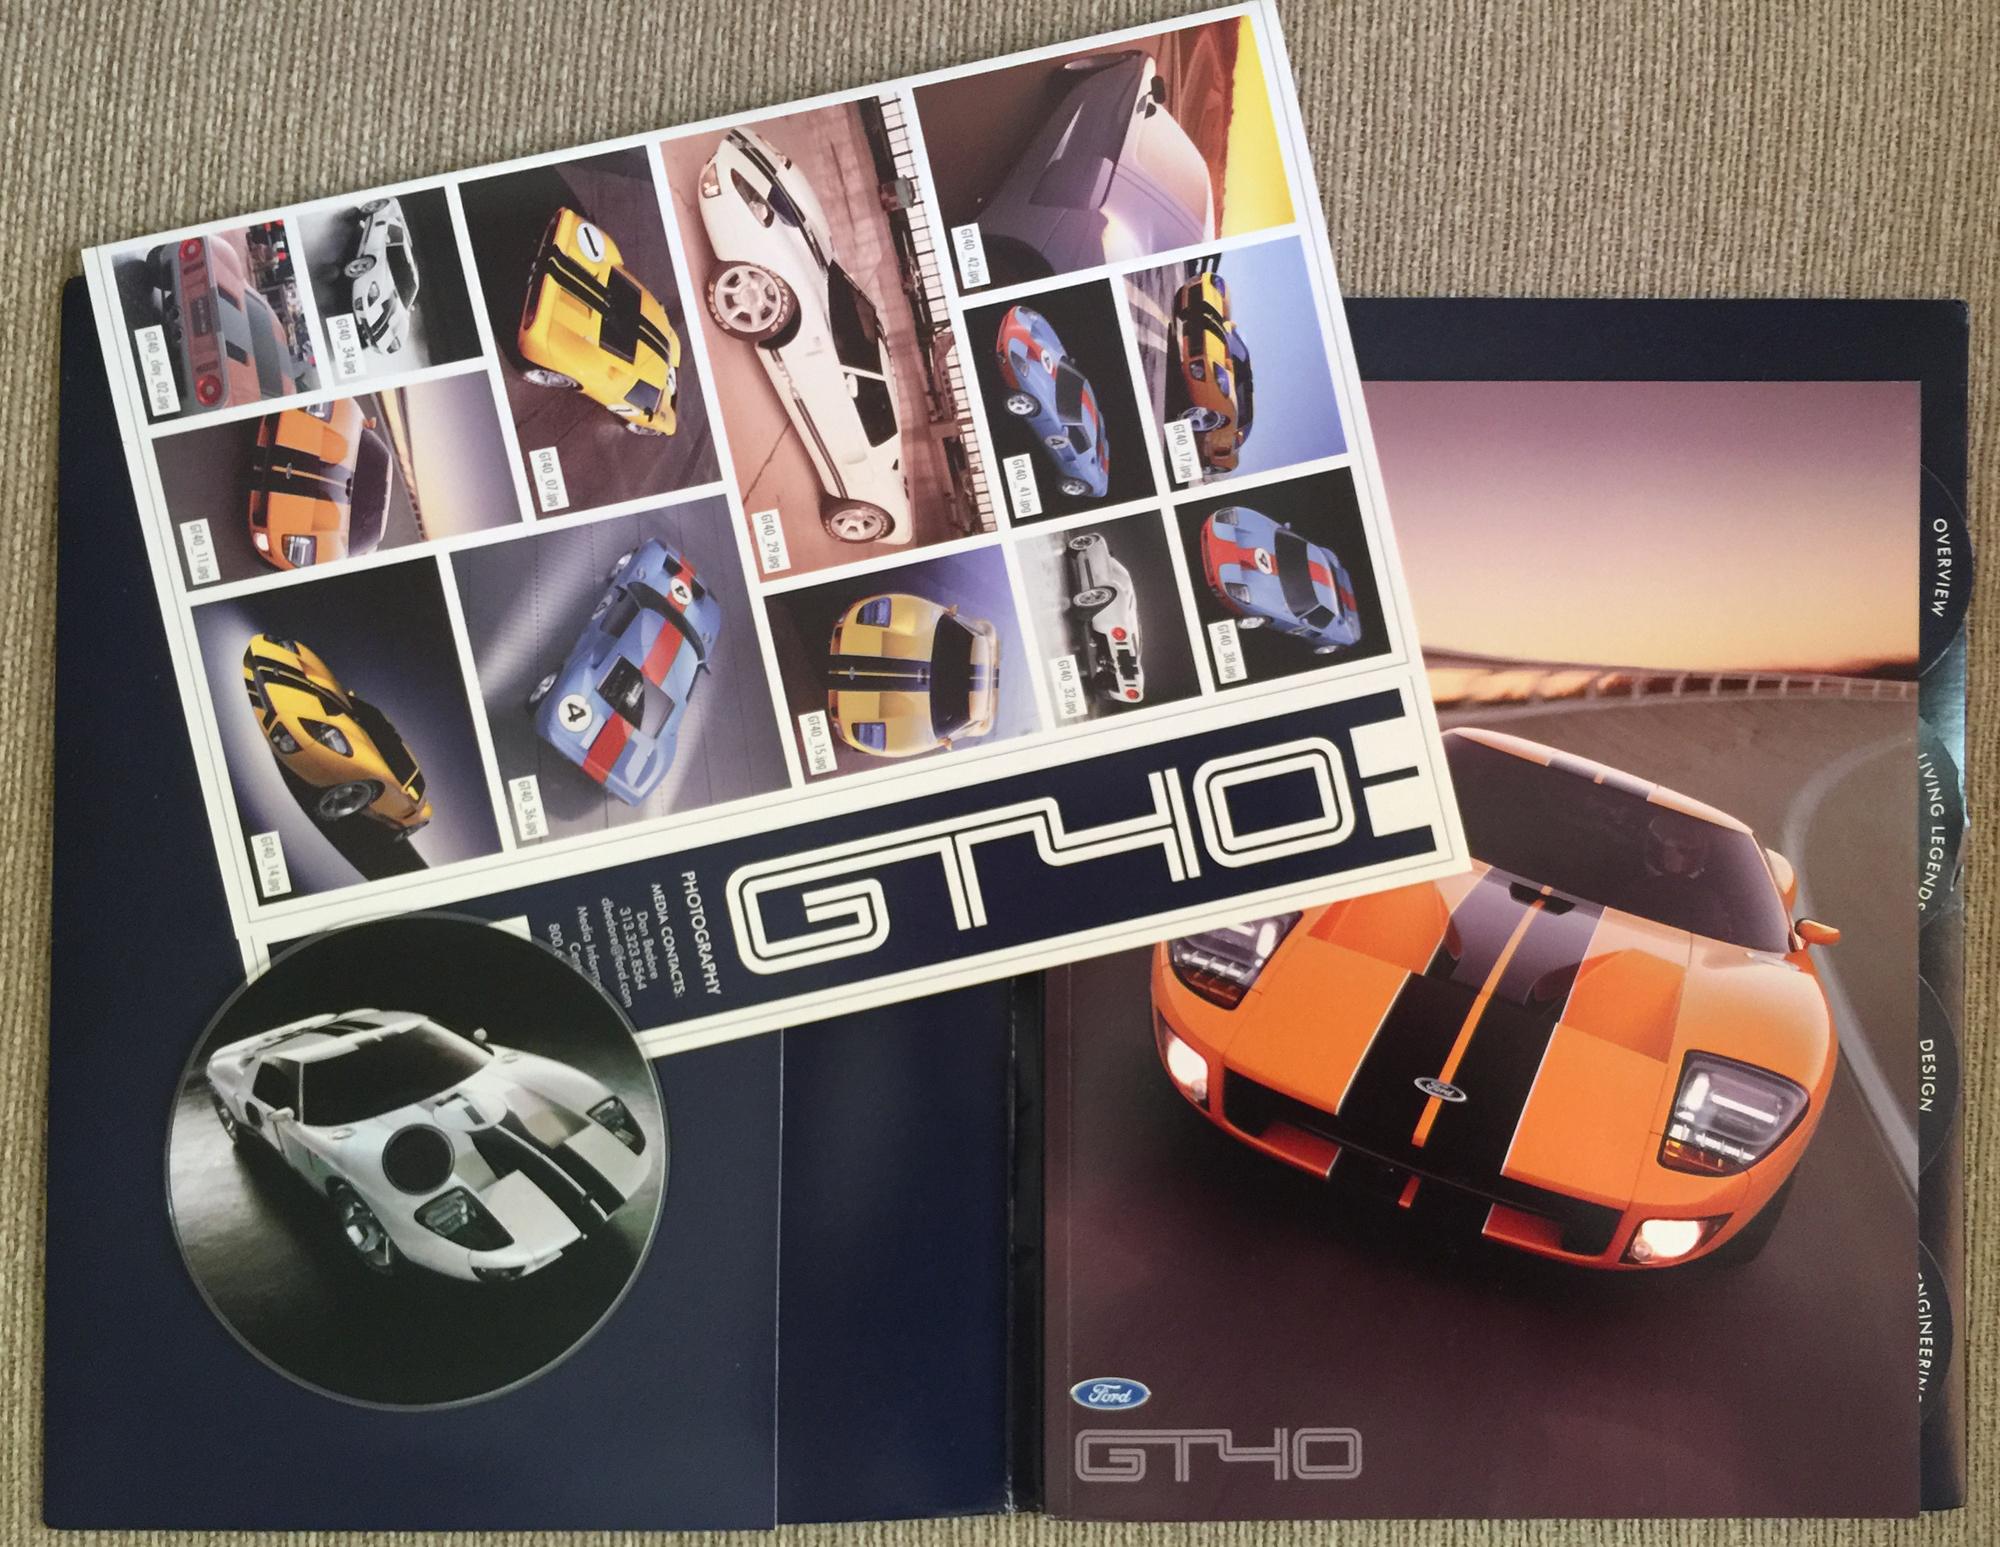 Ford GT40 press kit